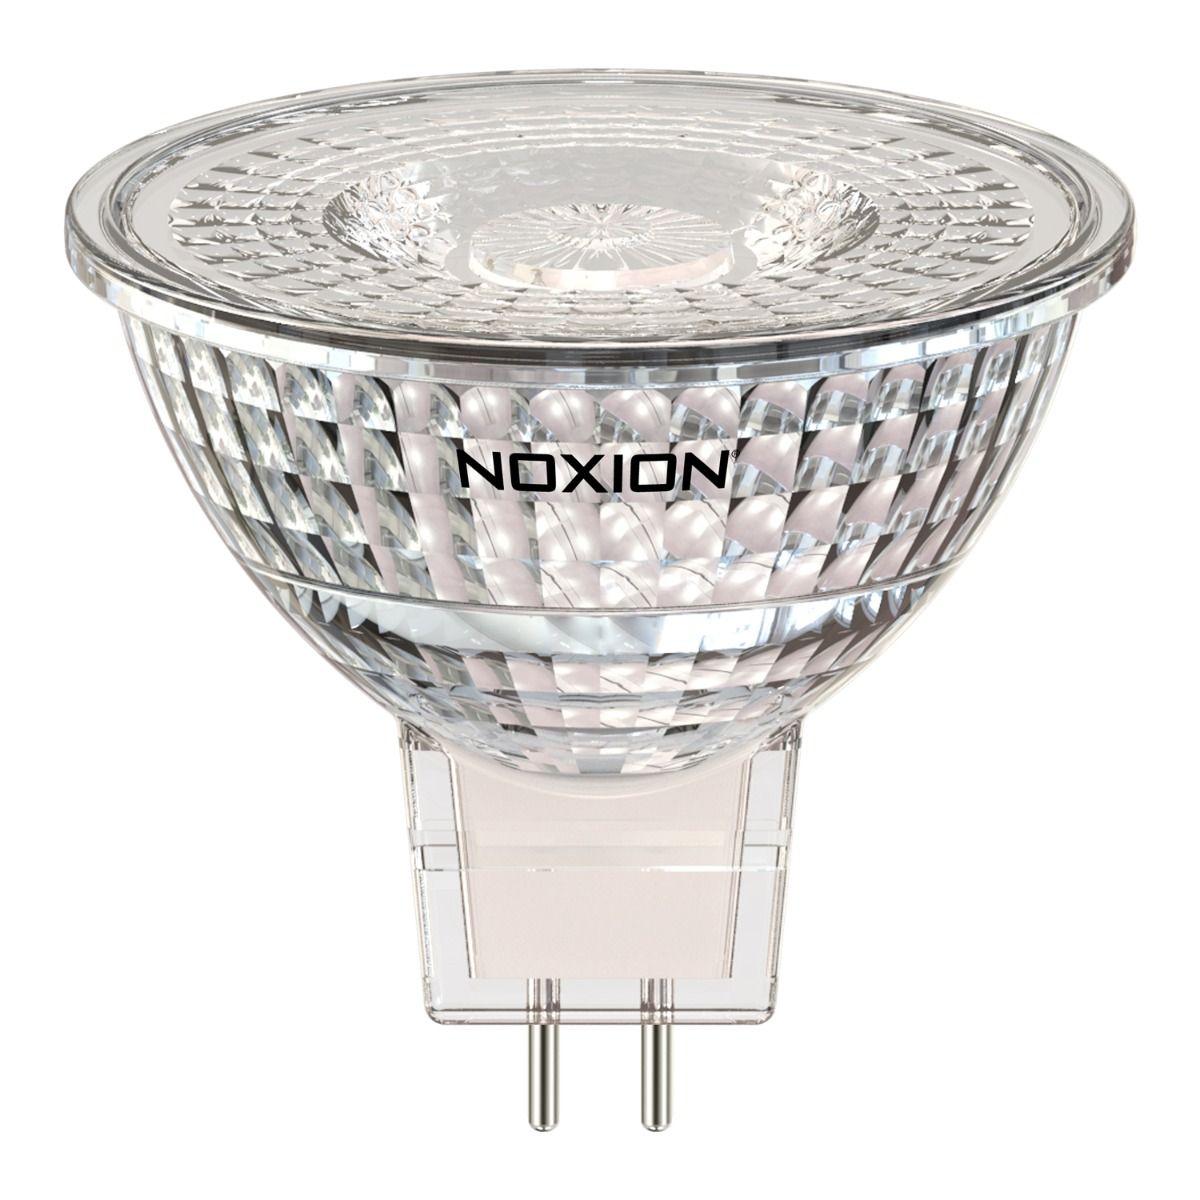 Faretto LED GU5.3 Noxion 5W 840 36D 490lm | Dimmerabile - Bianco Freddo - Sostituto 35W | Dimmerabile